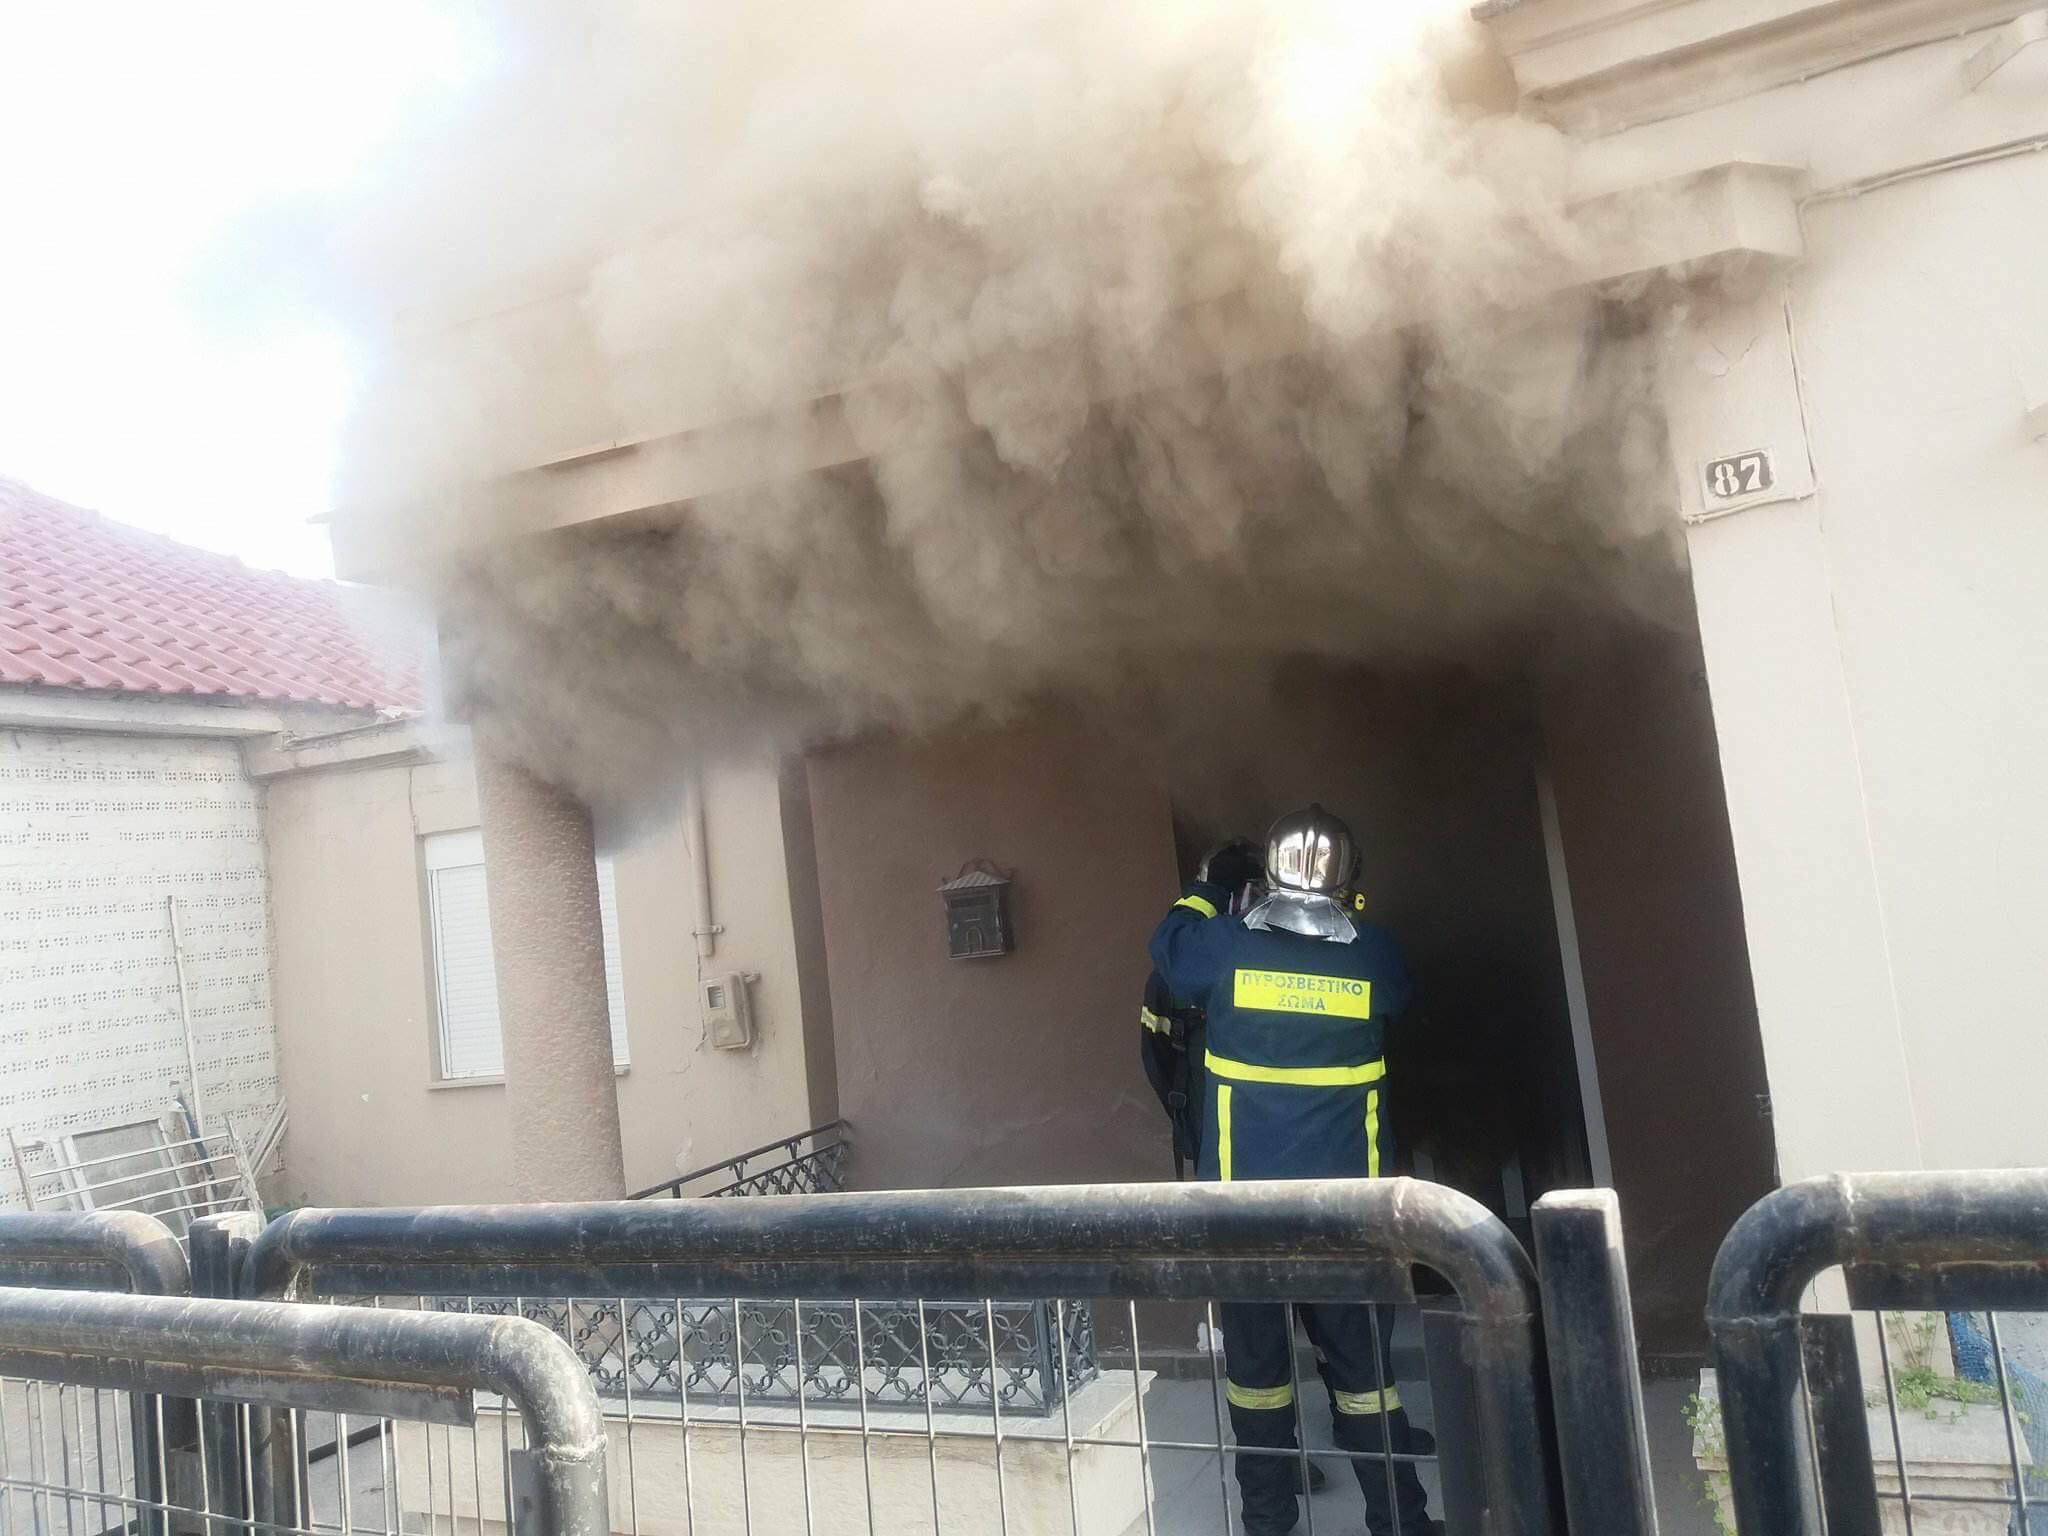 Μεγάλη φωτιά σε μονοκατοικία στη Λάρισα (ΦΩΤΟ)